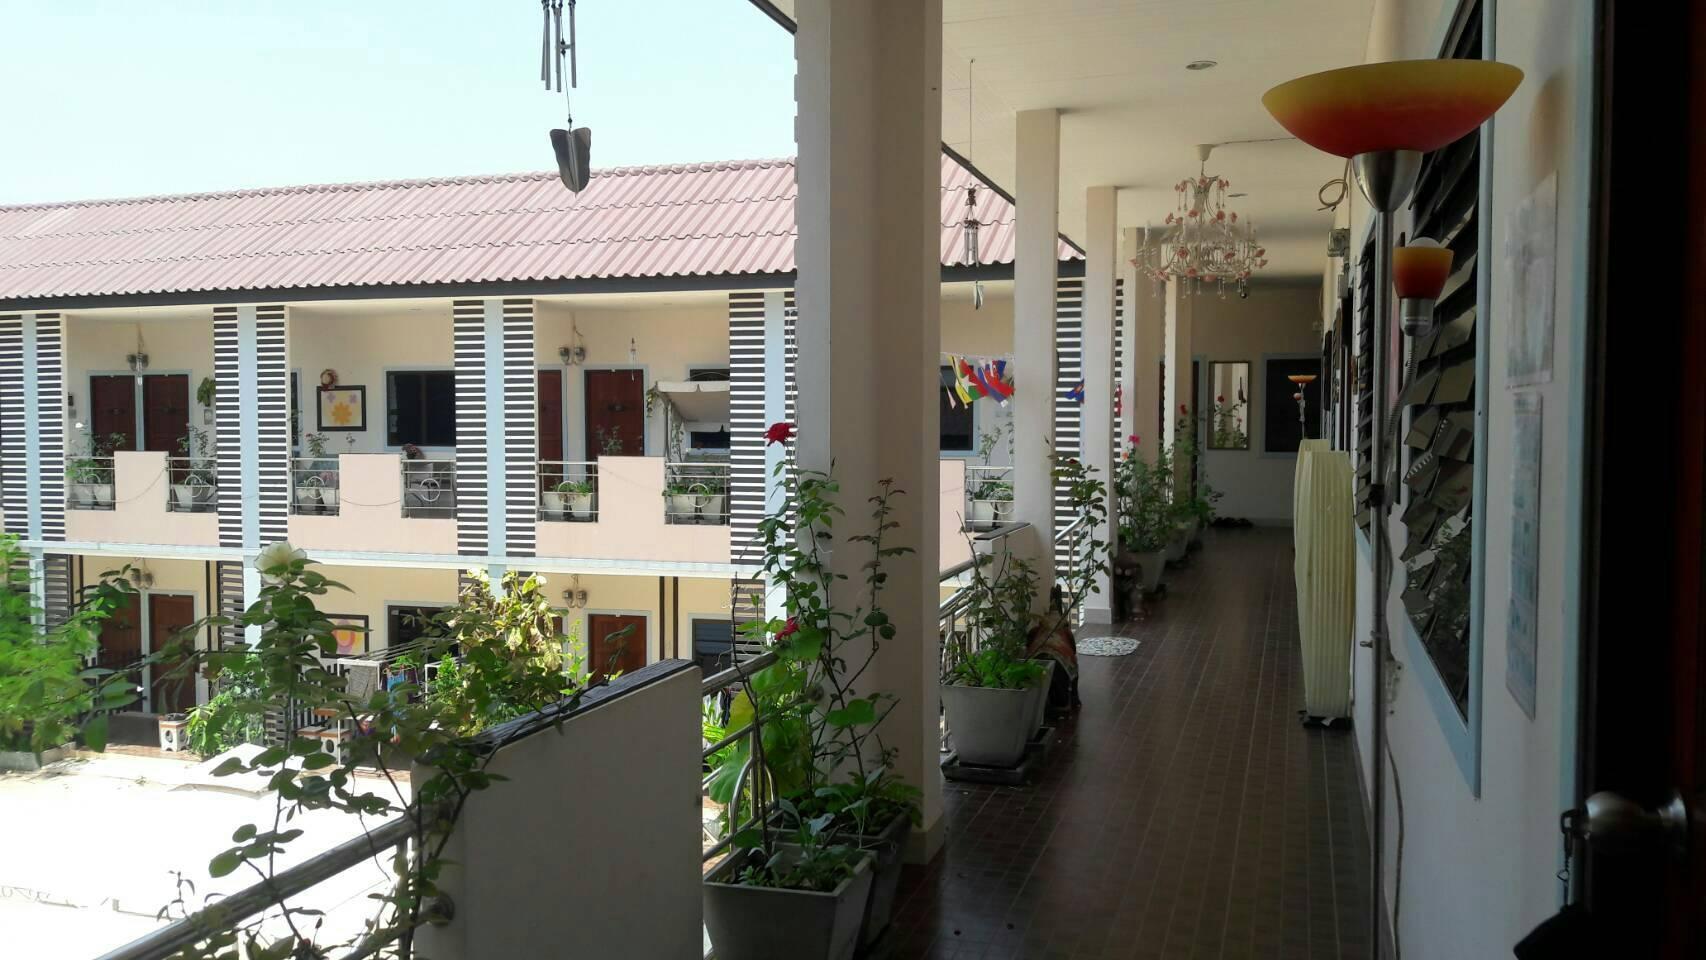 Ban Suan Kularb Surat Thani AirCon Room 3